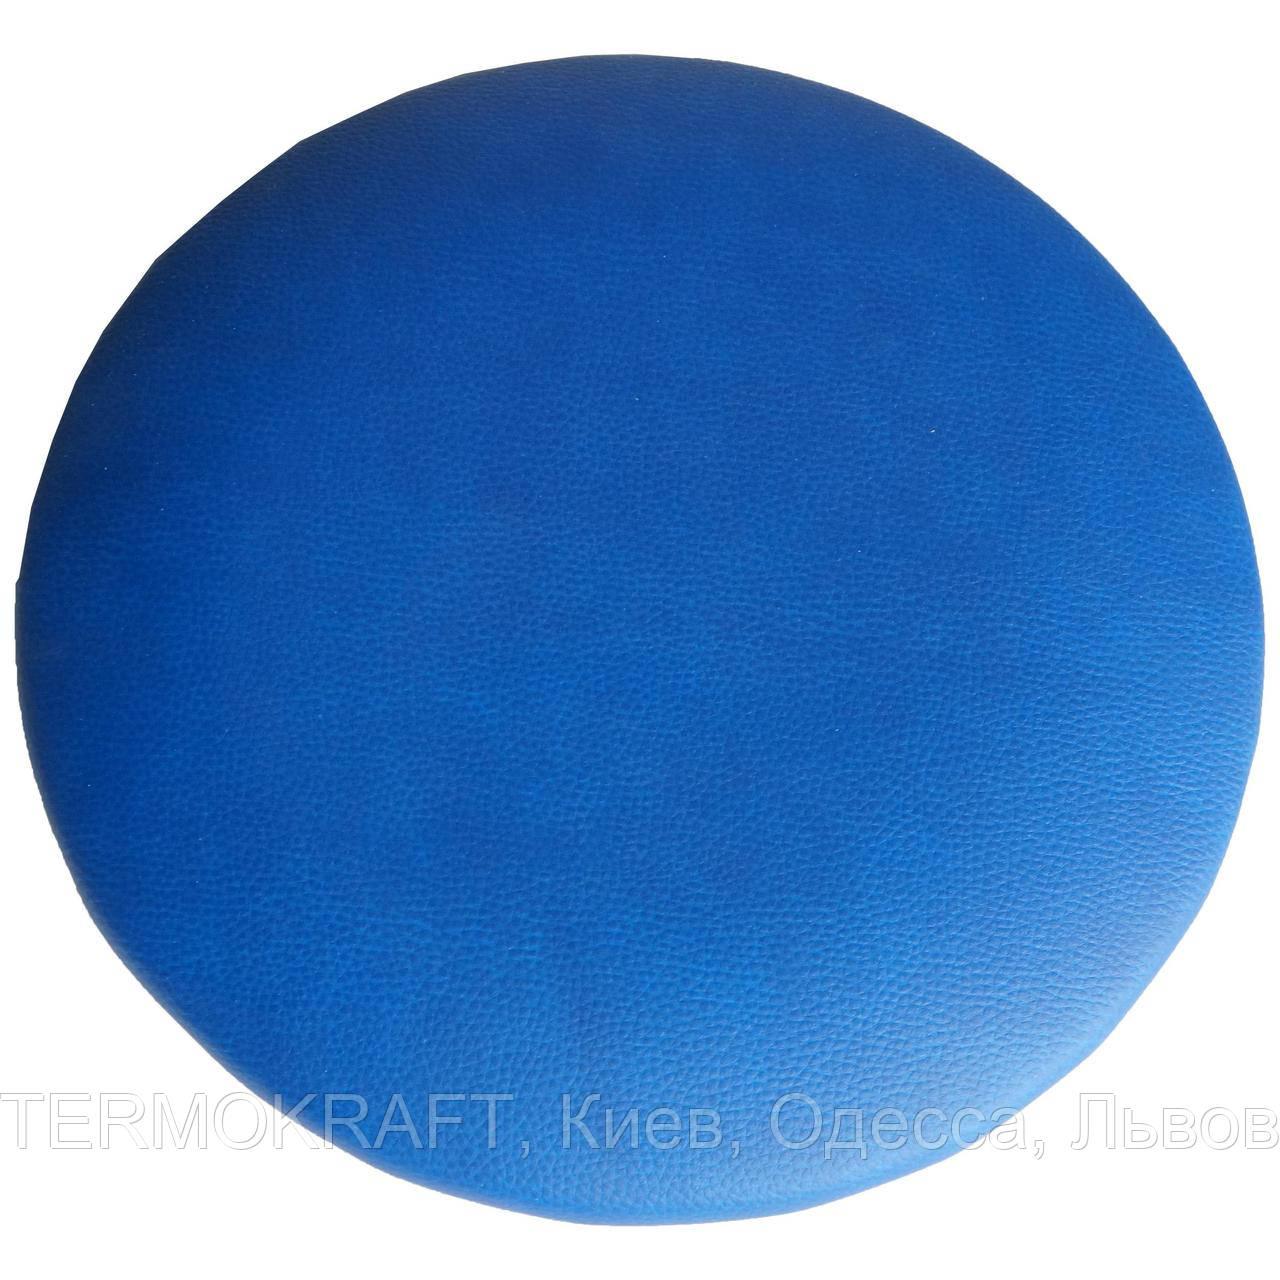 Сидіння стільця АНТ D-400 кругле Fly синє